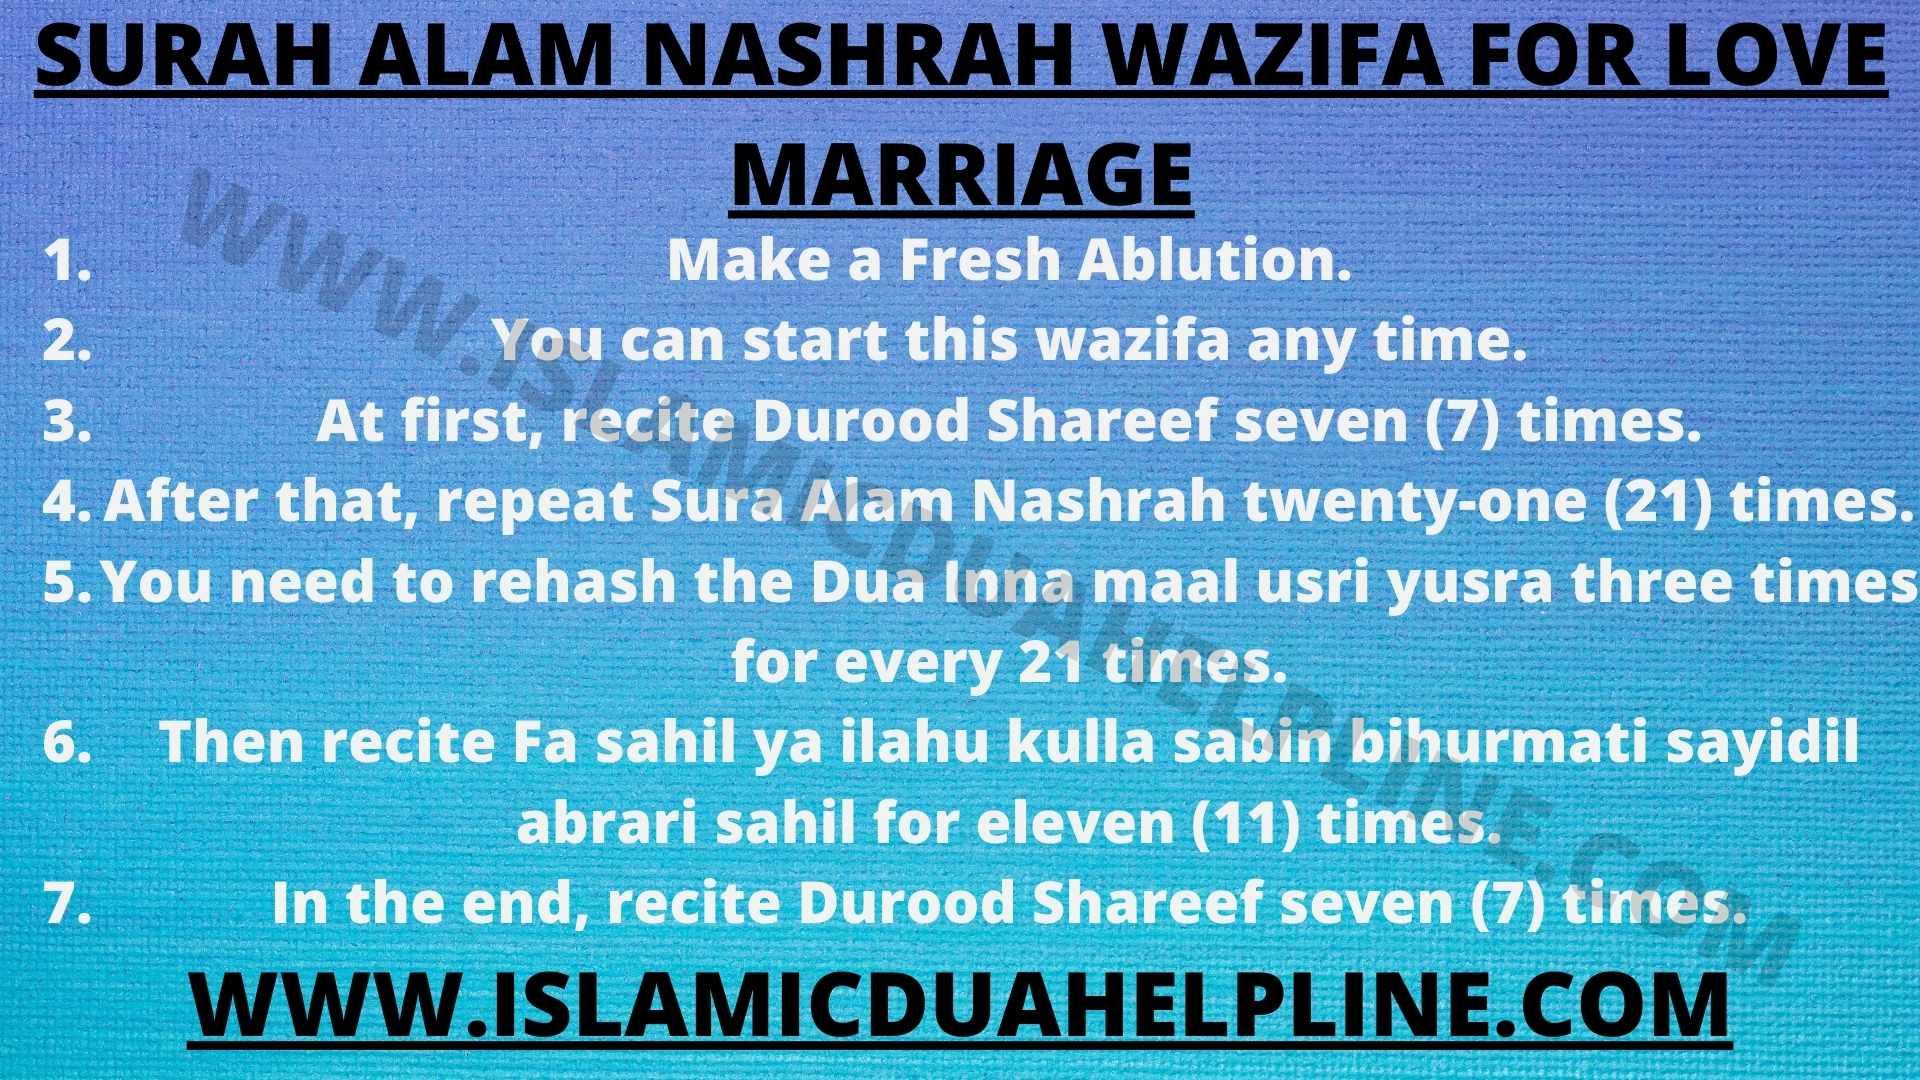 SURAH ALAM NASHRAH WAZIFA FOR LOVE MARRIAGE